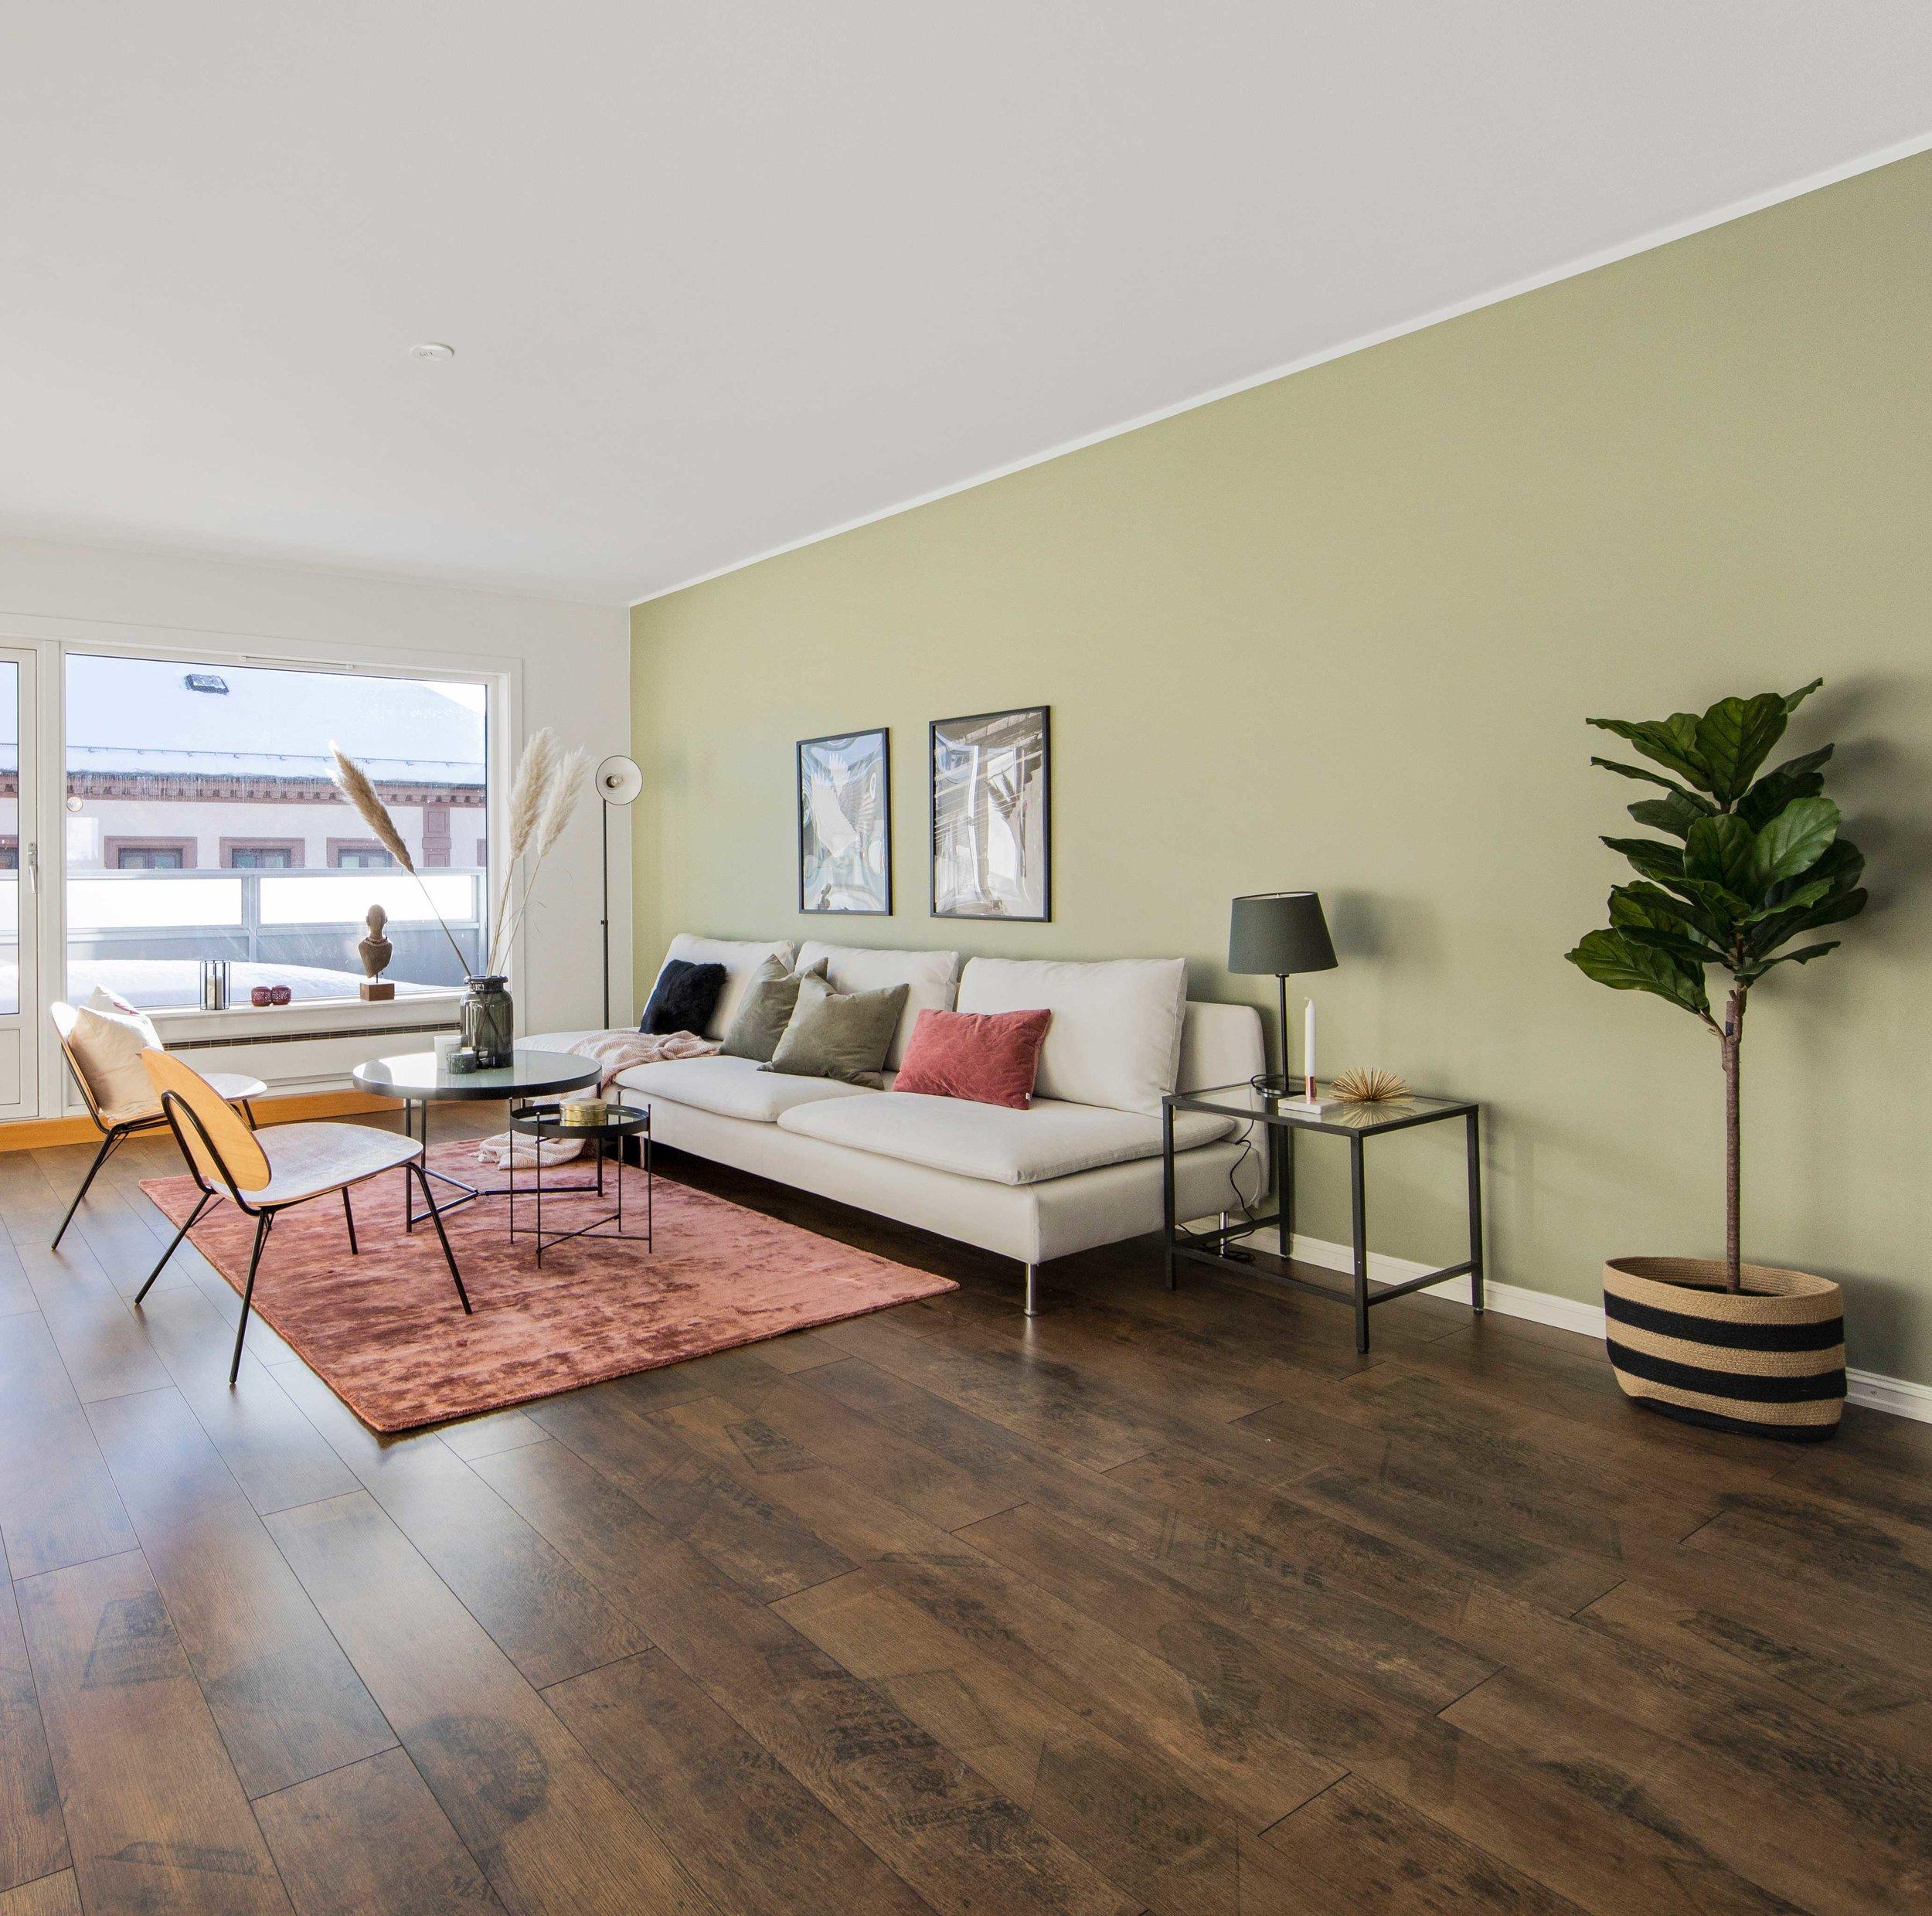 FULLSTYLING - For deg som har en bolig uten møbler og interiør, og som ønsker hjelp til full møblering og styling av hele boligen.